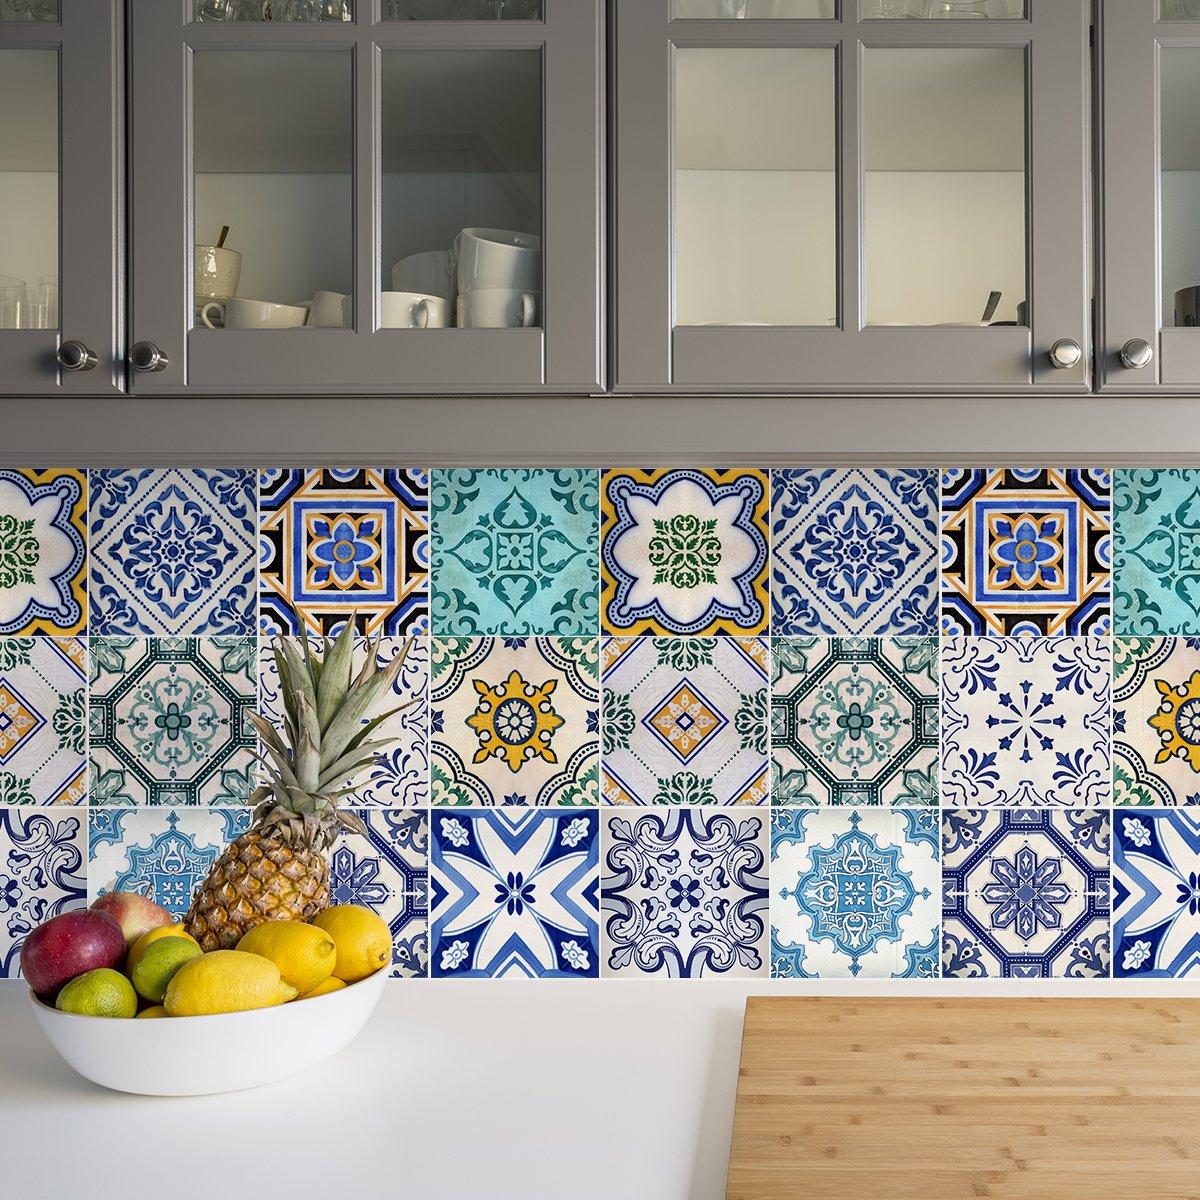 Sirface tradizionale spagnola per piastrelle adesivi per piastrelle–Set per cucina e bagno–Confezione da 24–diversi, 6x6 inches | 15x15 cm